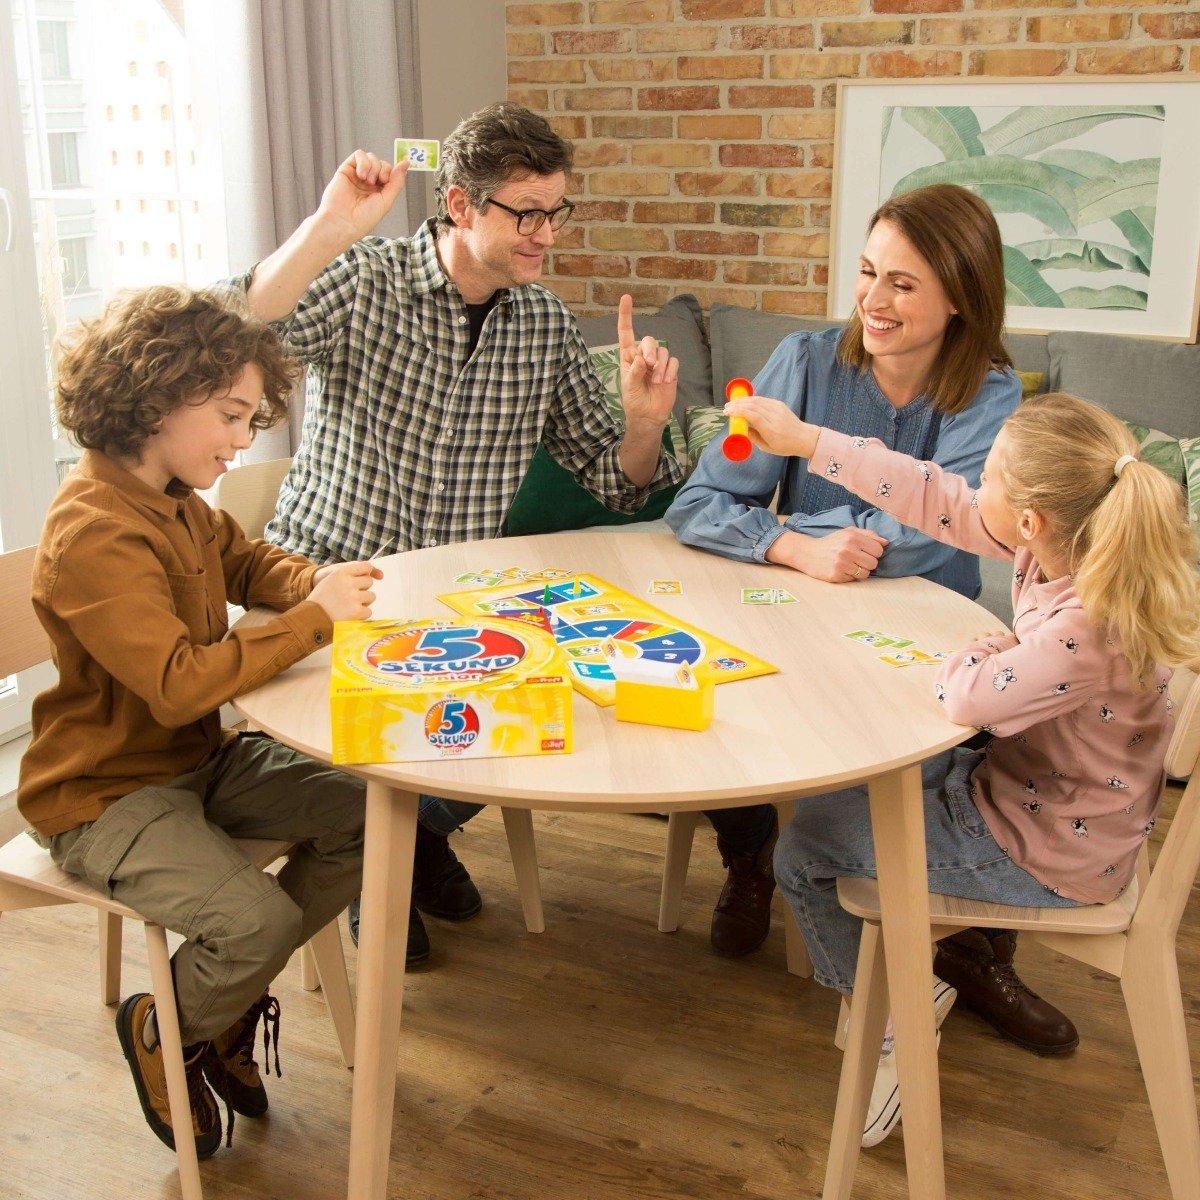 Rodzina grająca w grę 5 sekund